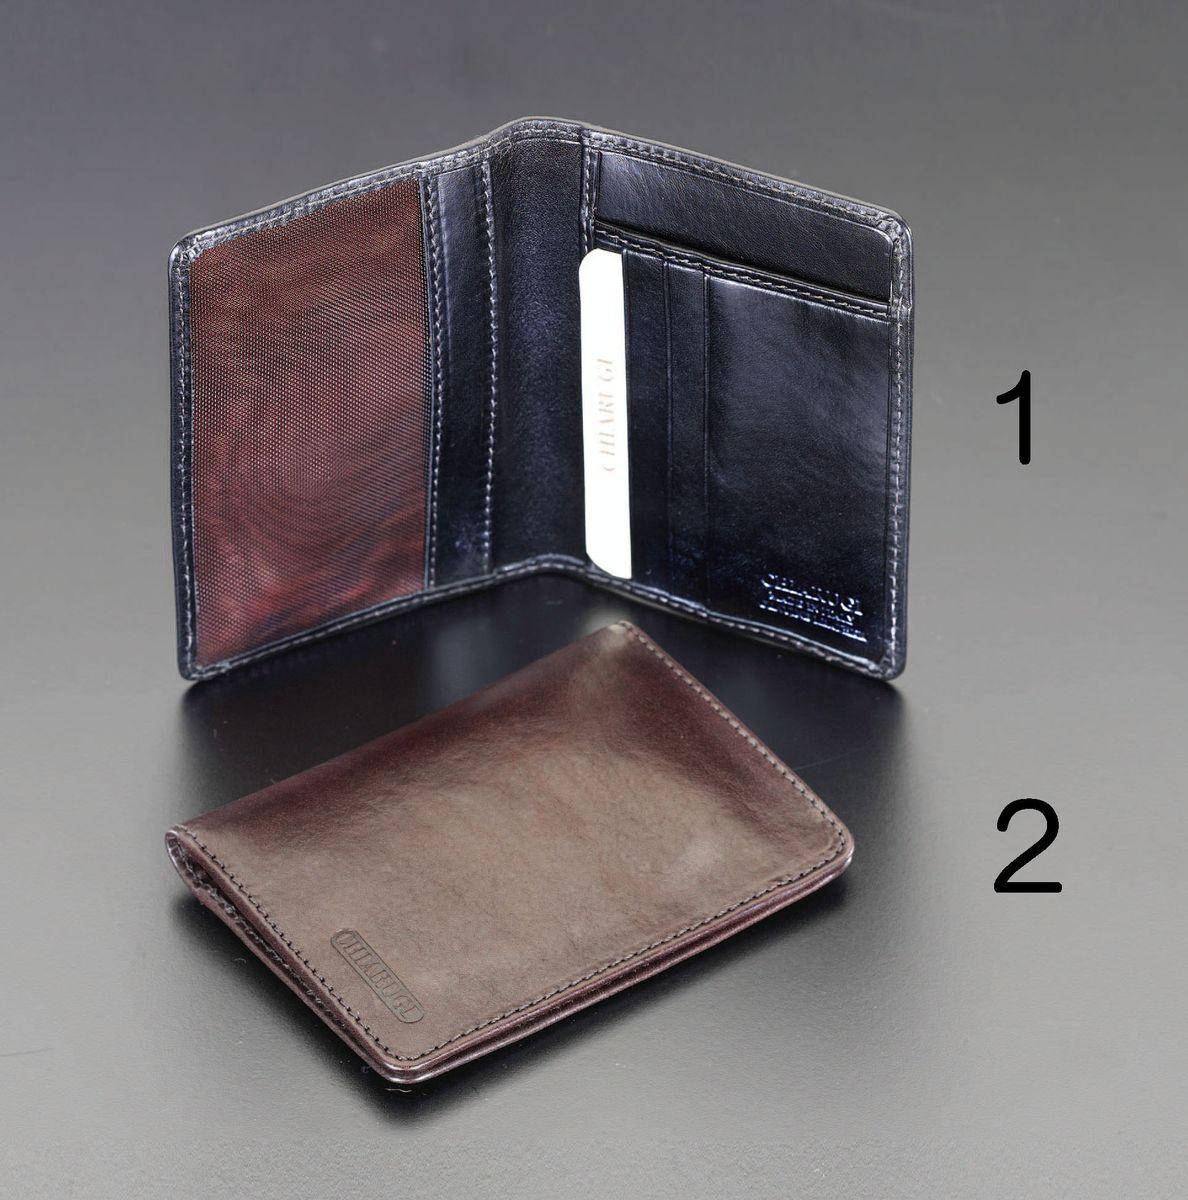 【メーカー在庫あり】 エスコ ESCO 90x120mm カードケース 本革製/ブラック 000012223515 HD店